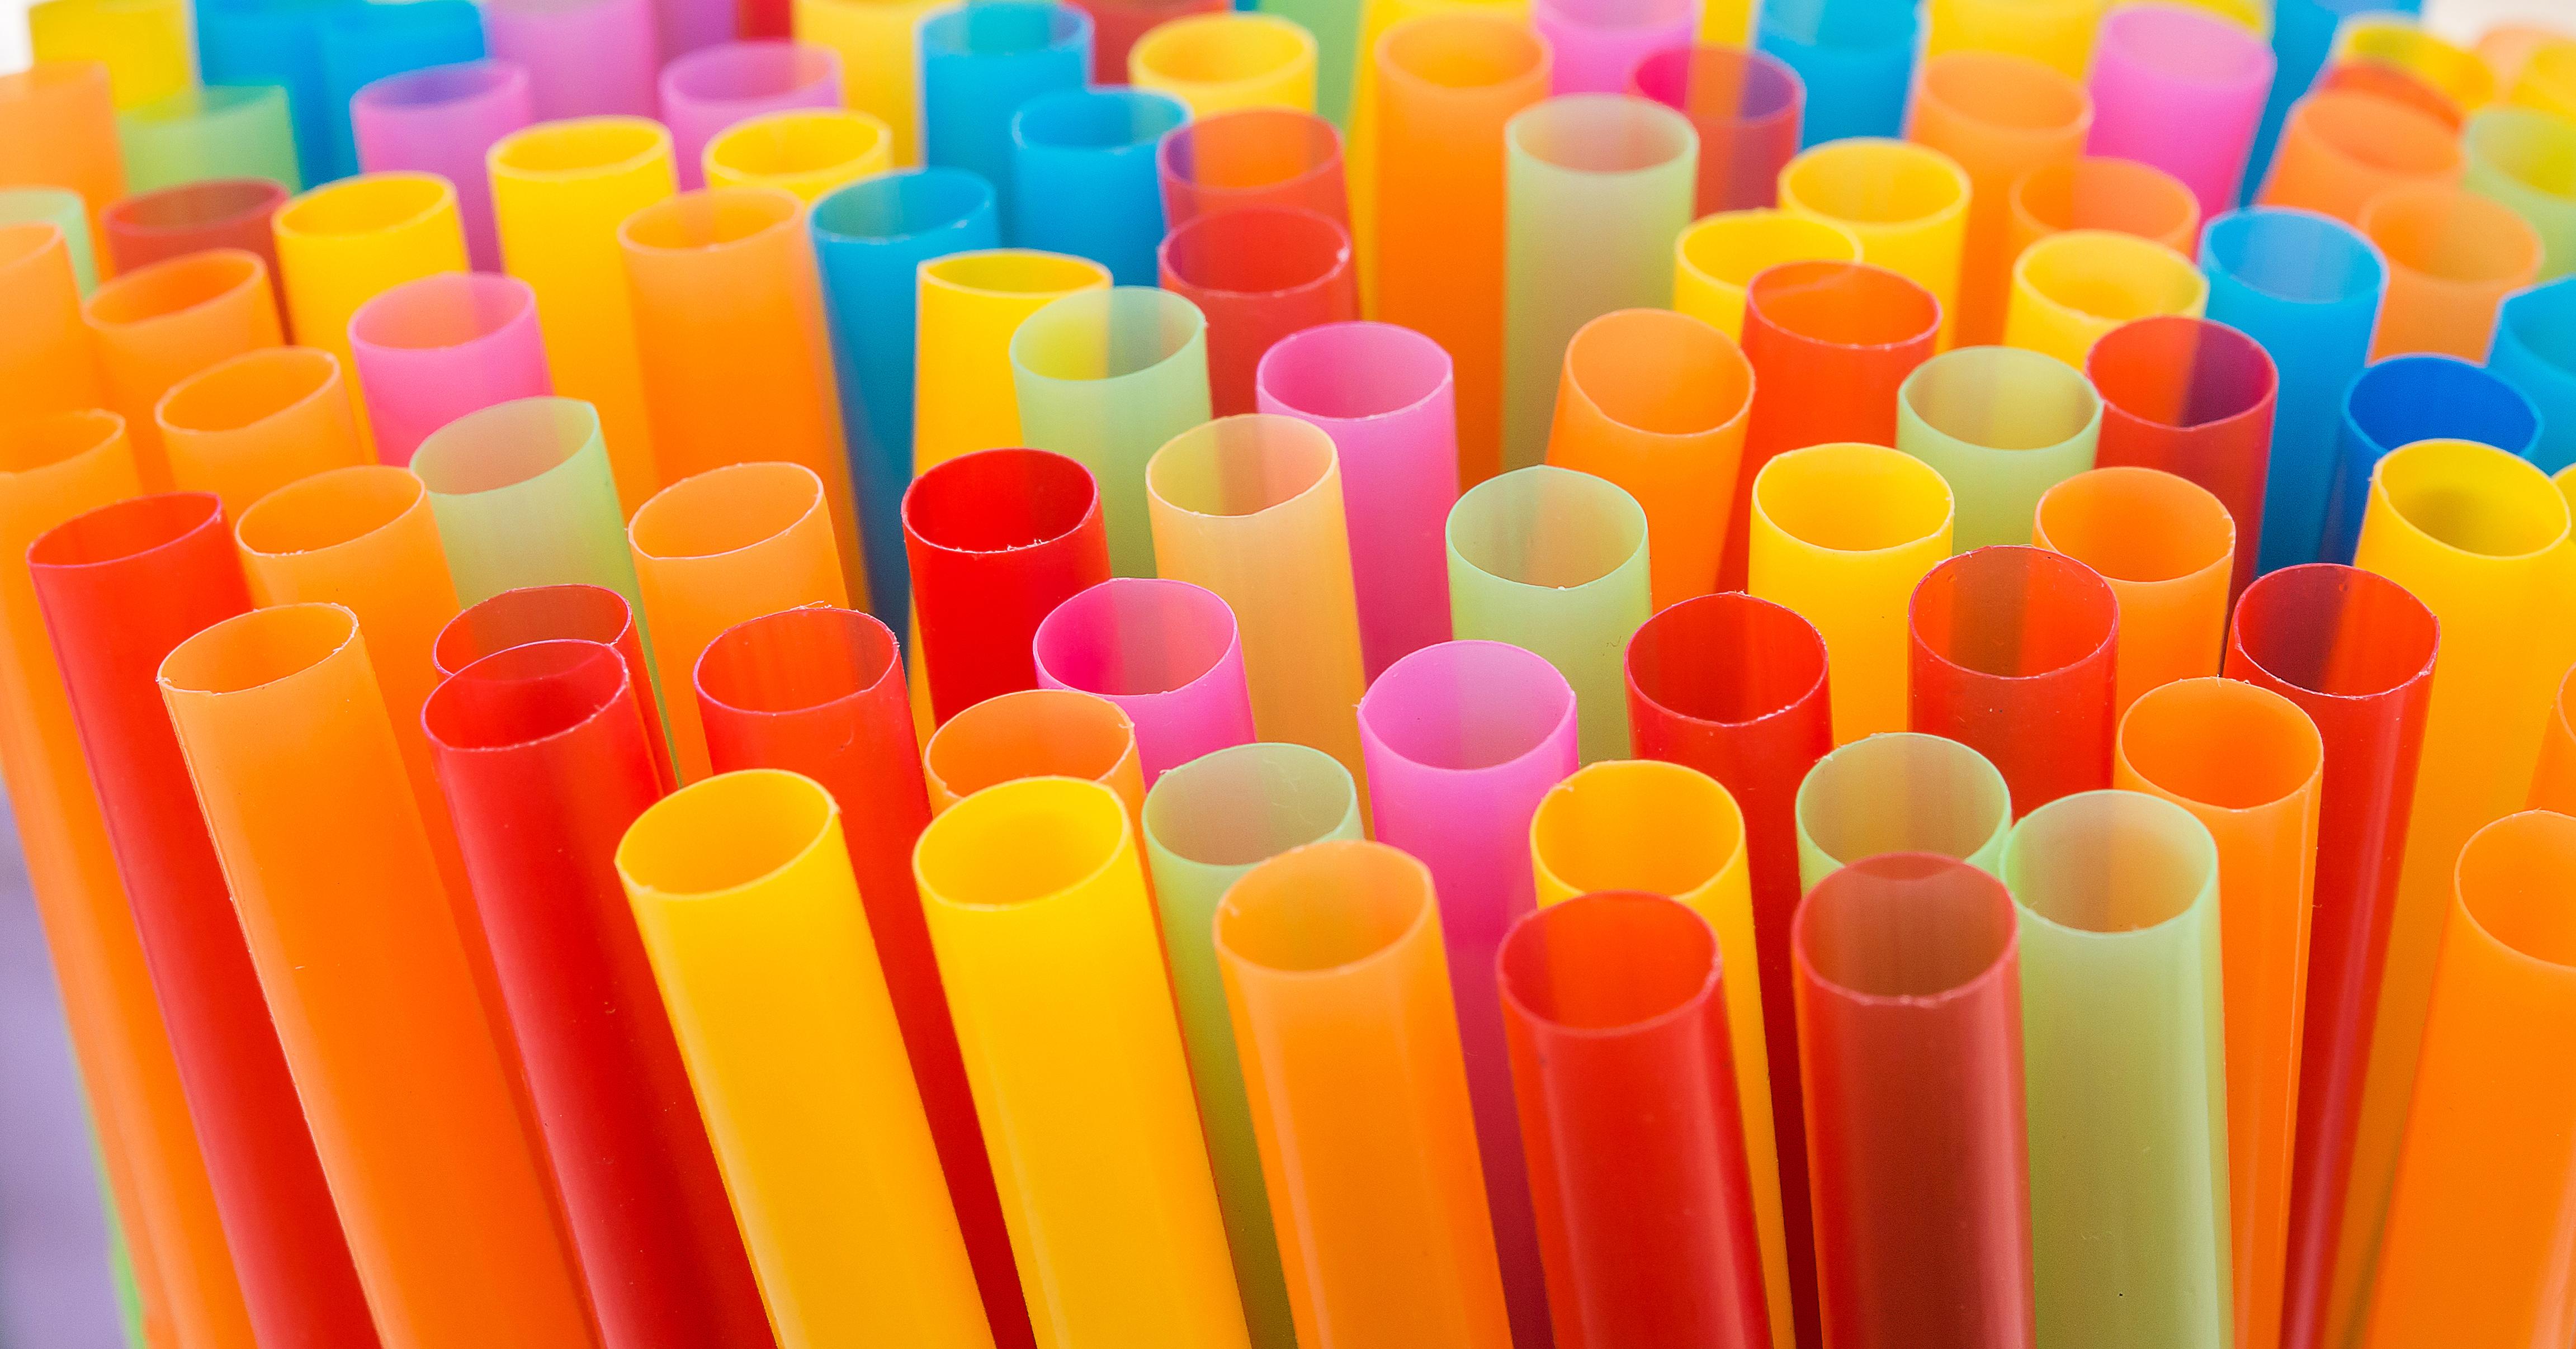 U K Pub Chain To Ban Plastic Straws Deeperblue Com